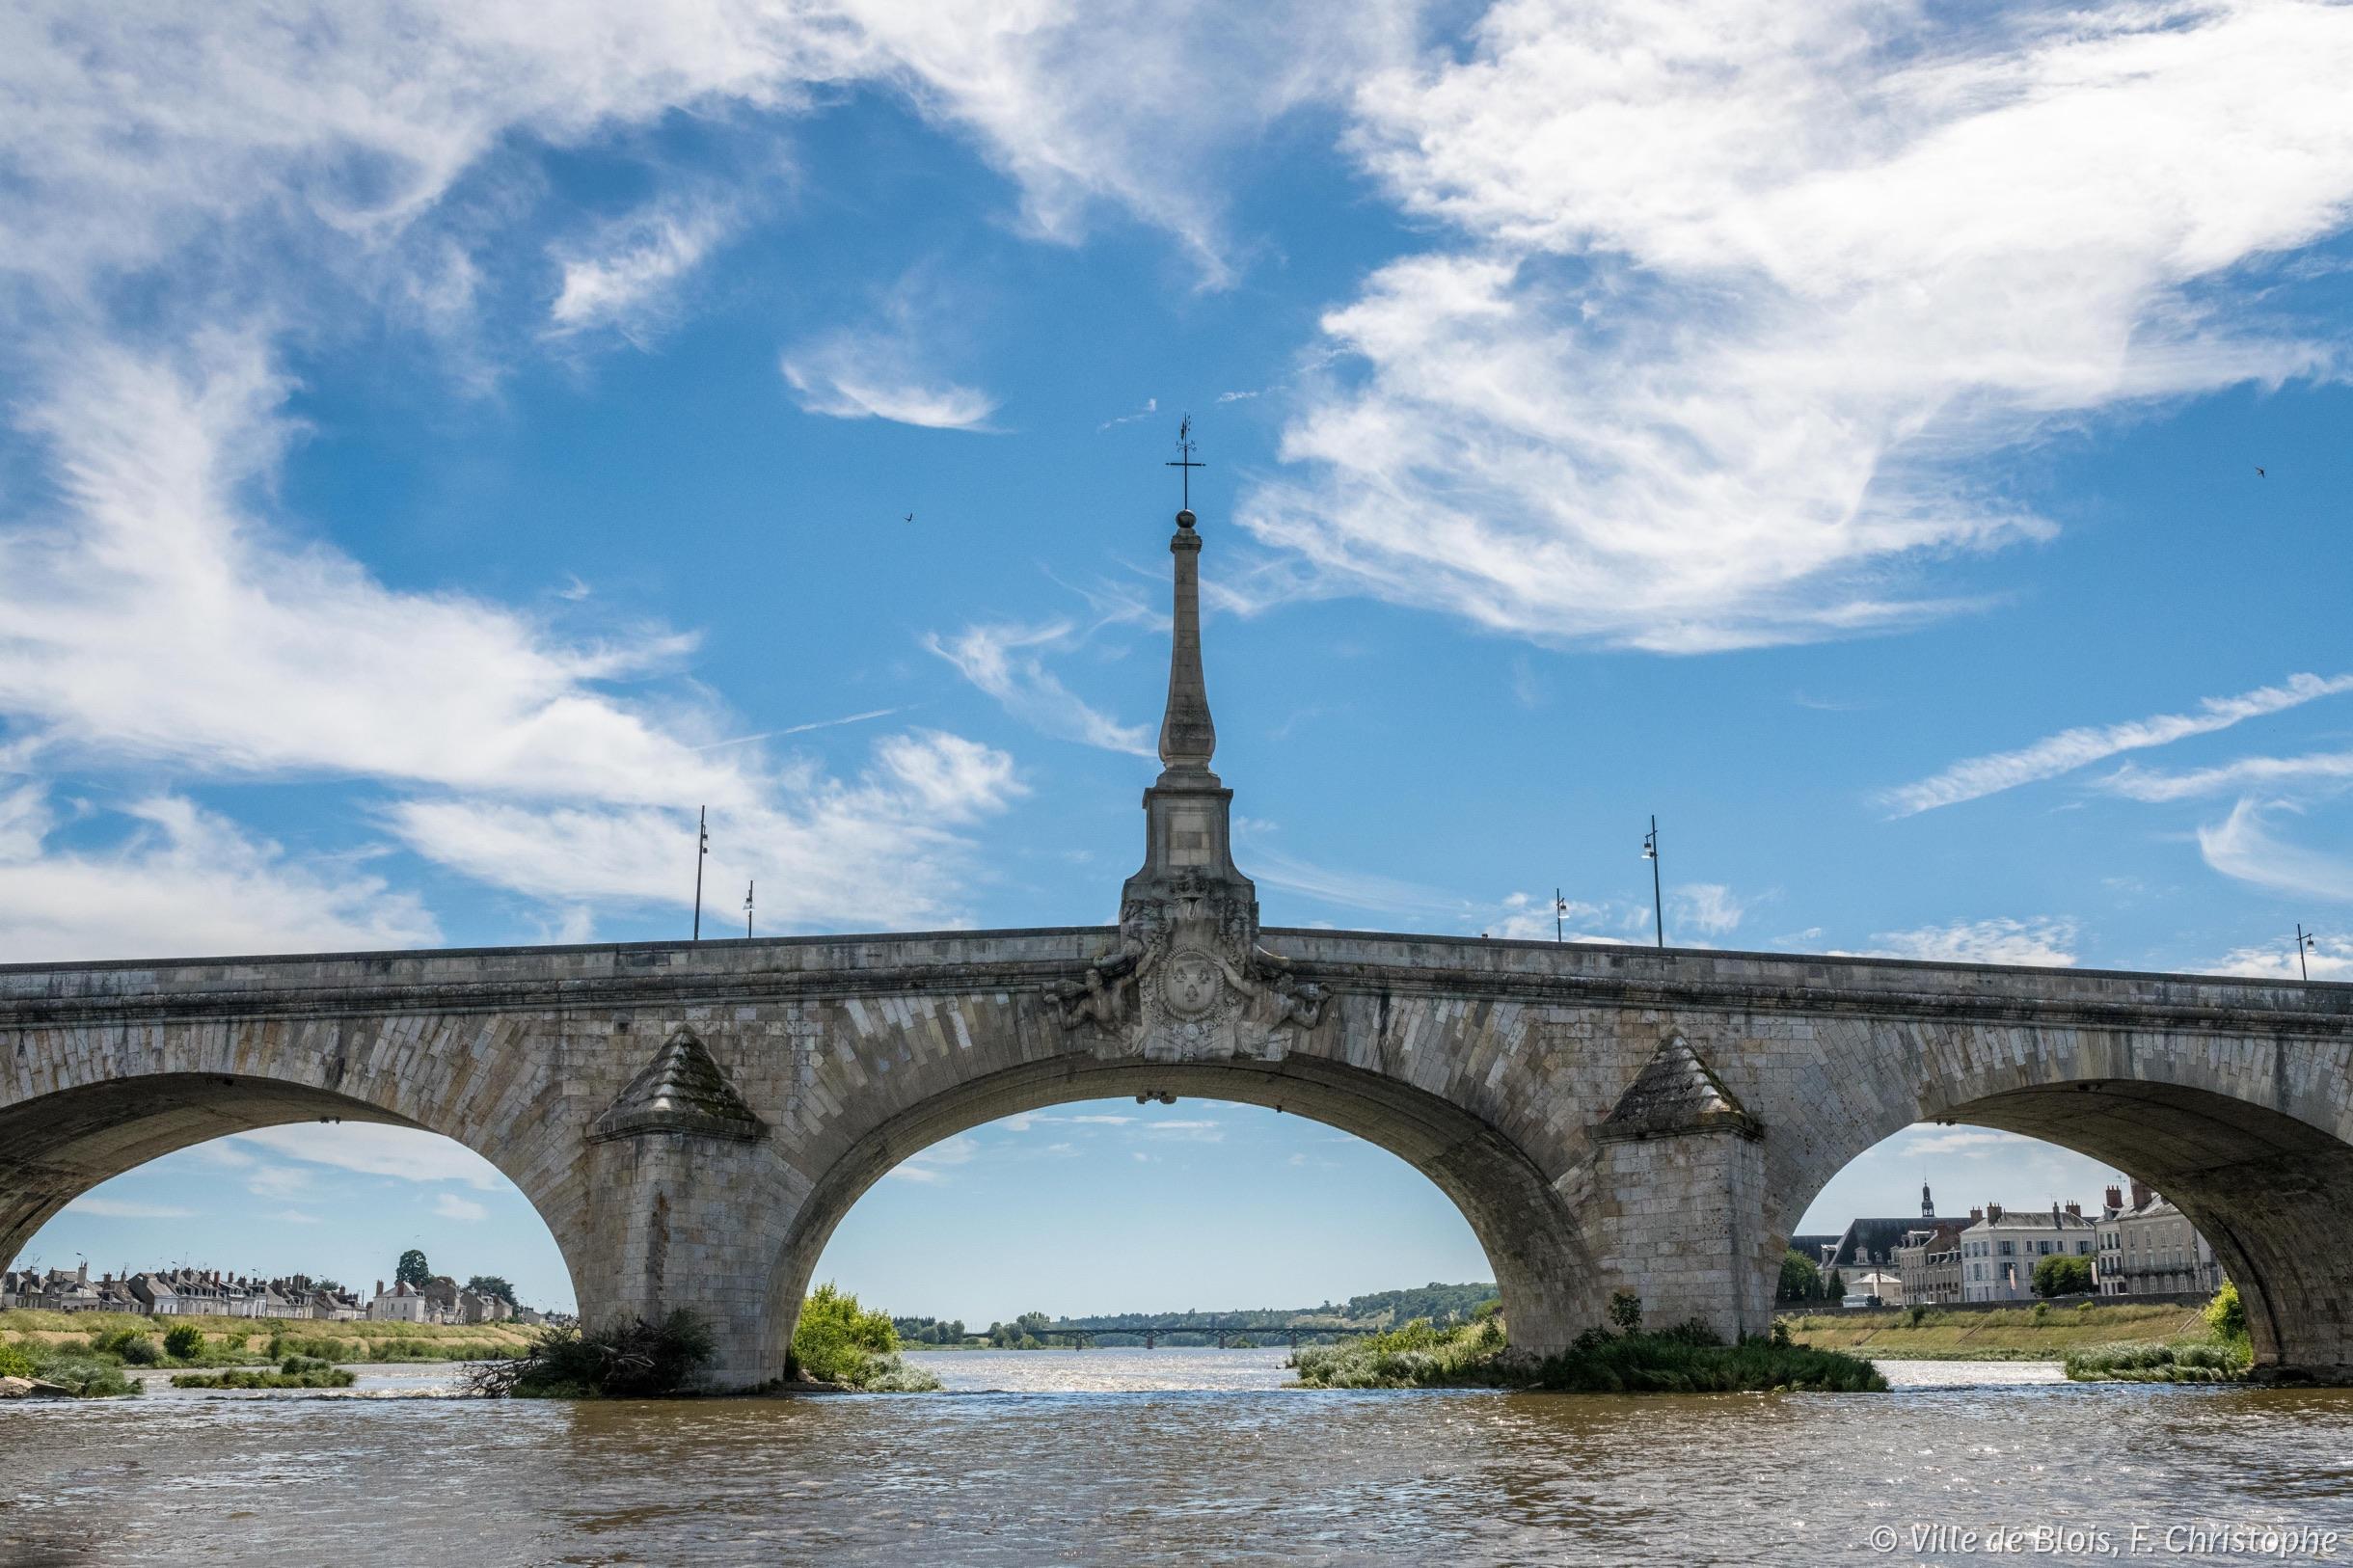 Flèche dupont Jacques-Gabriel, photographiée depuis une embarcation sur la Loire s'apprêtant à passer dessous.